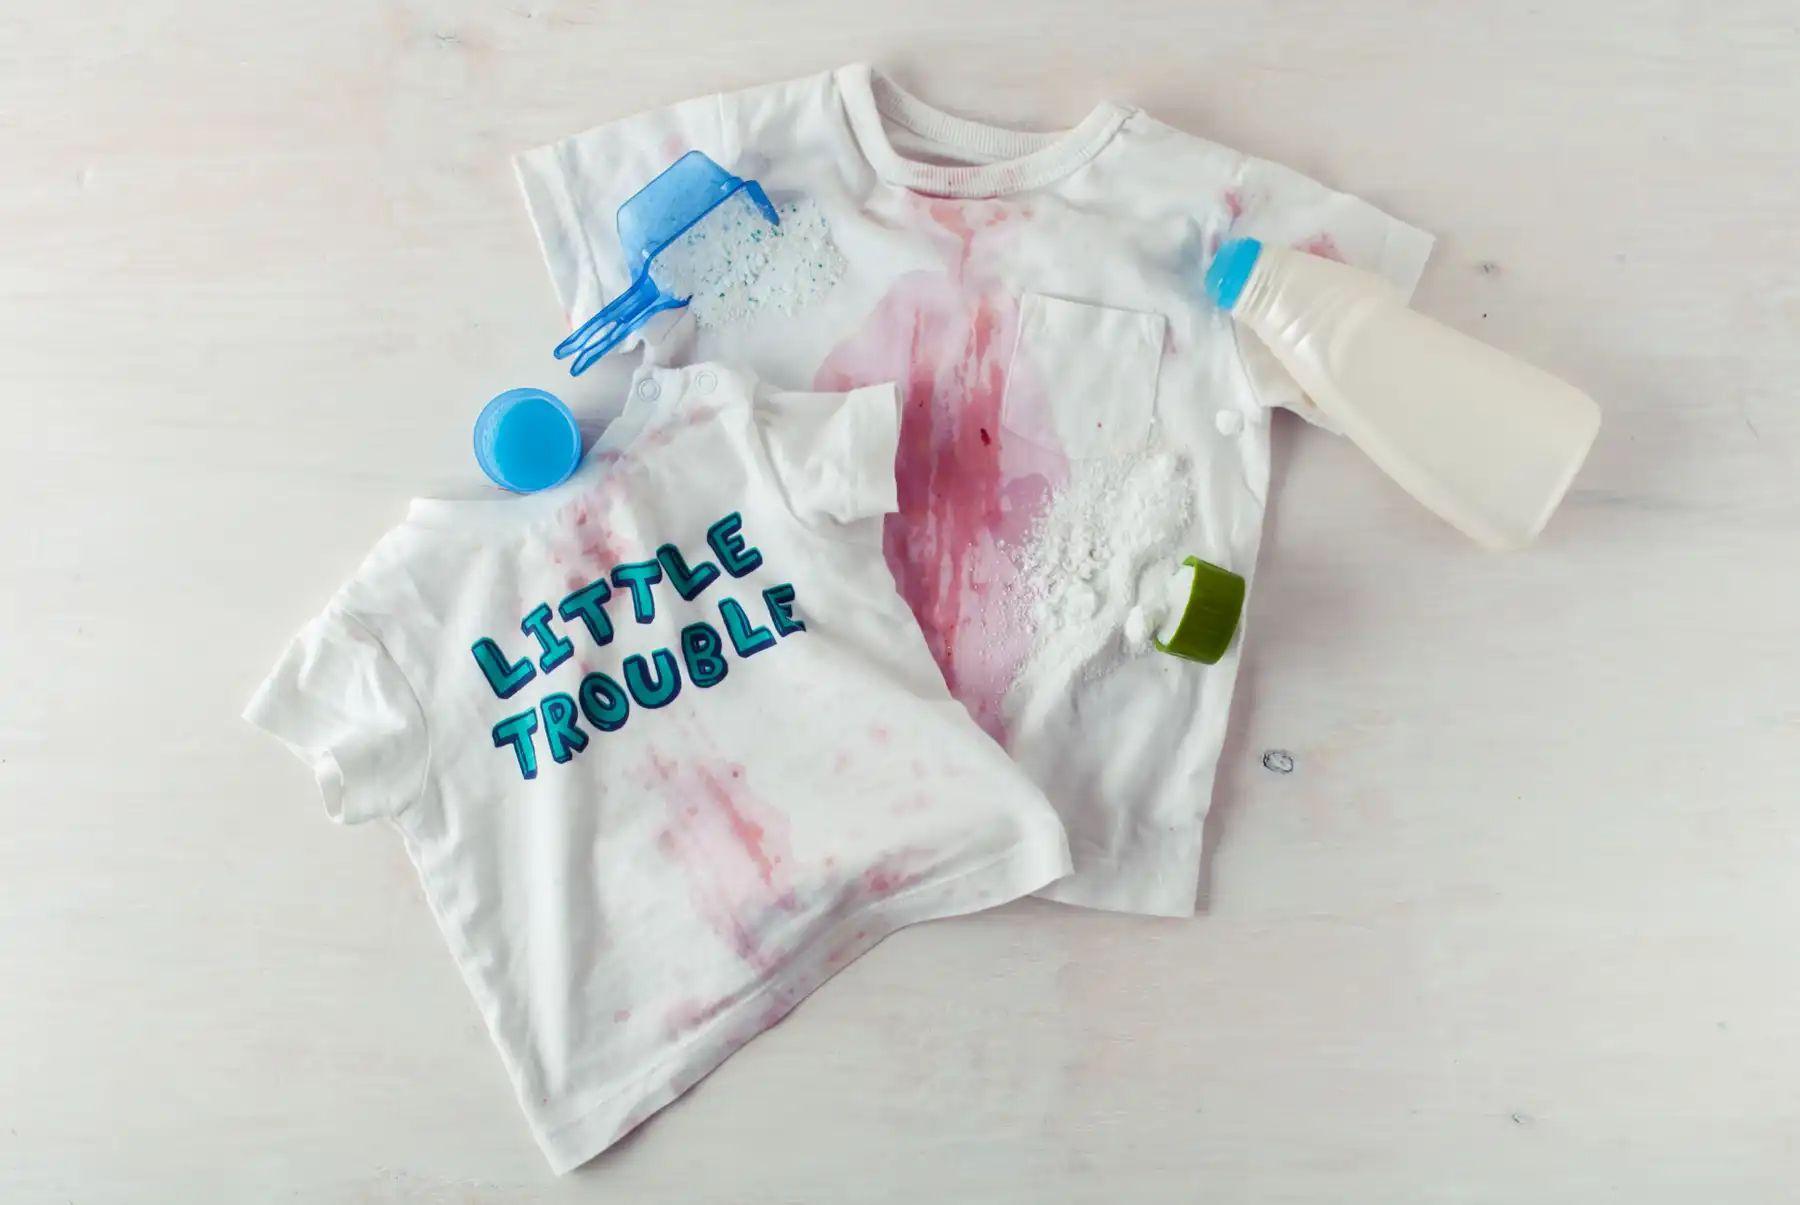 tẩy sơn trên quần áo